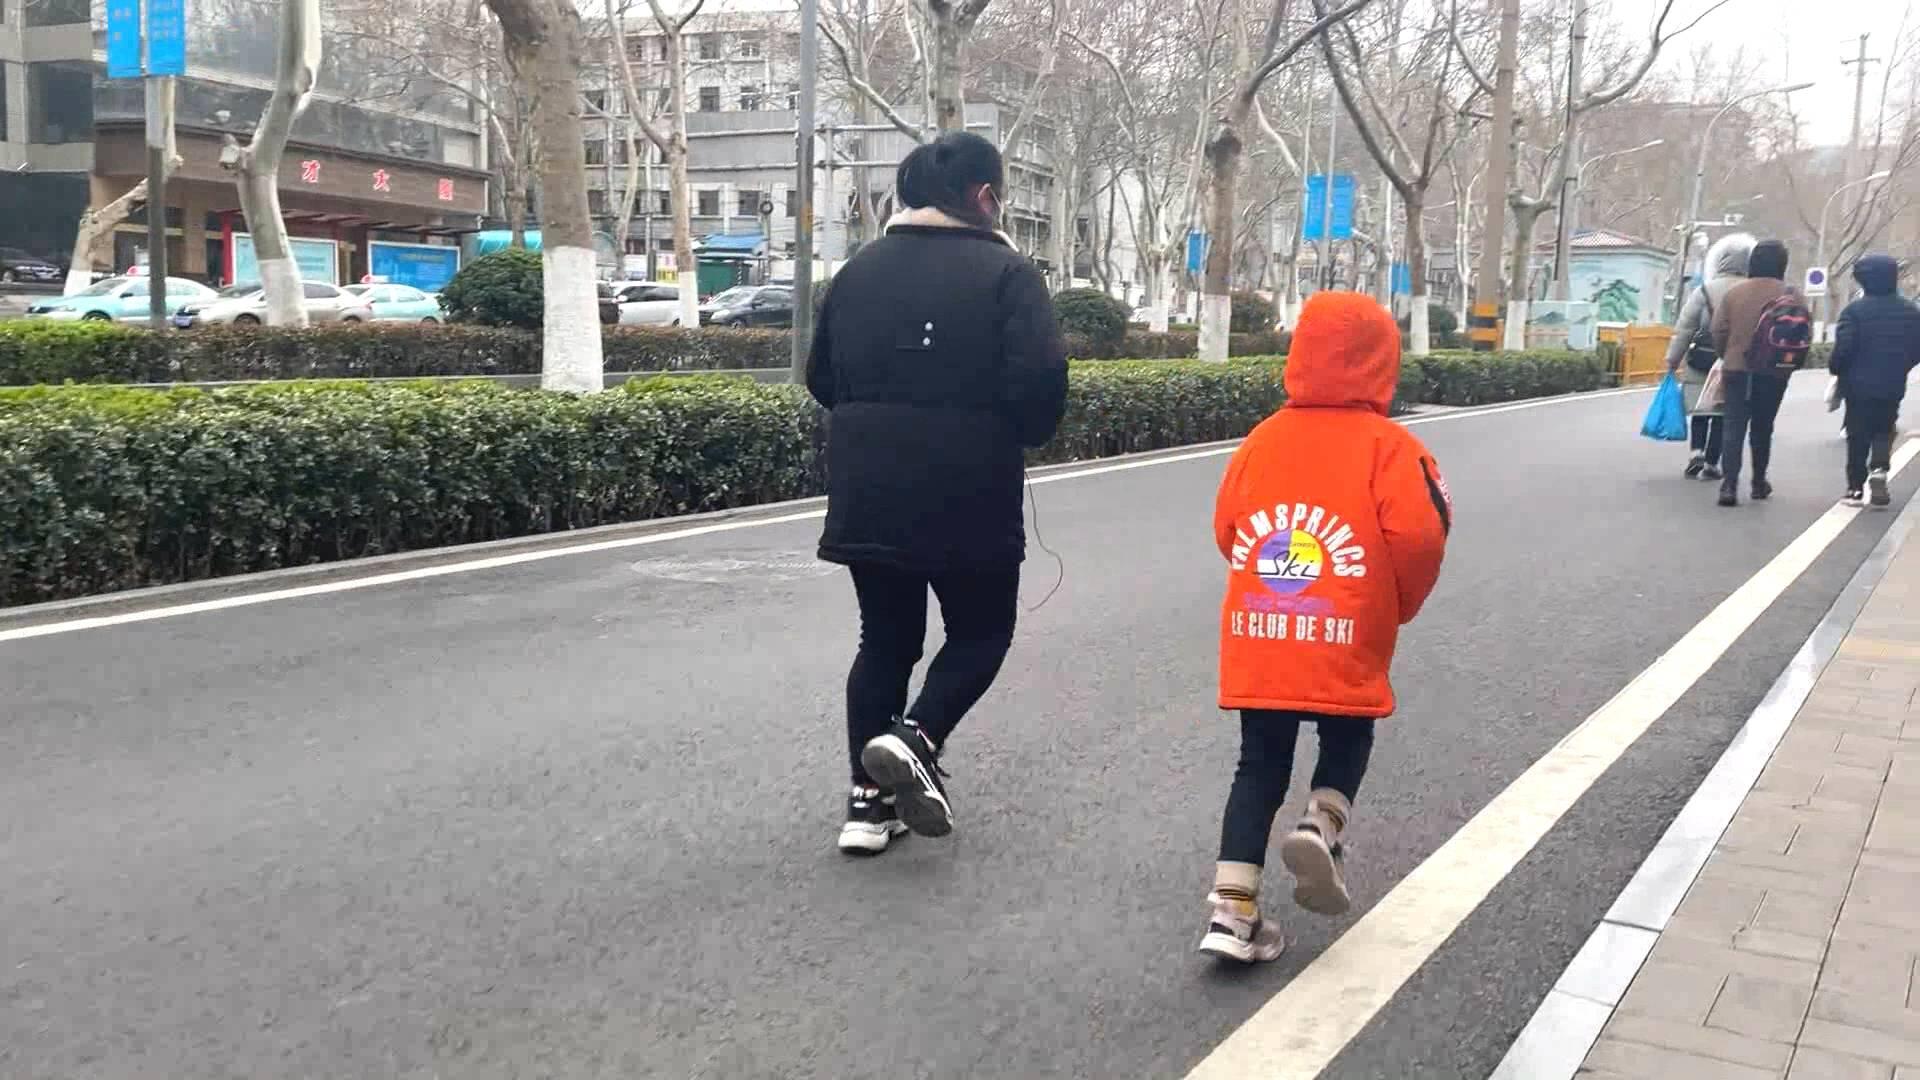 视频丨妹妹跑步锻炼救患姐姐 妈妈:希望女儿可以战胜病魔,健康快乐长大